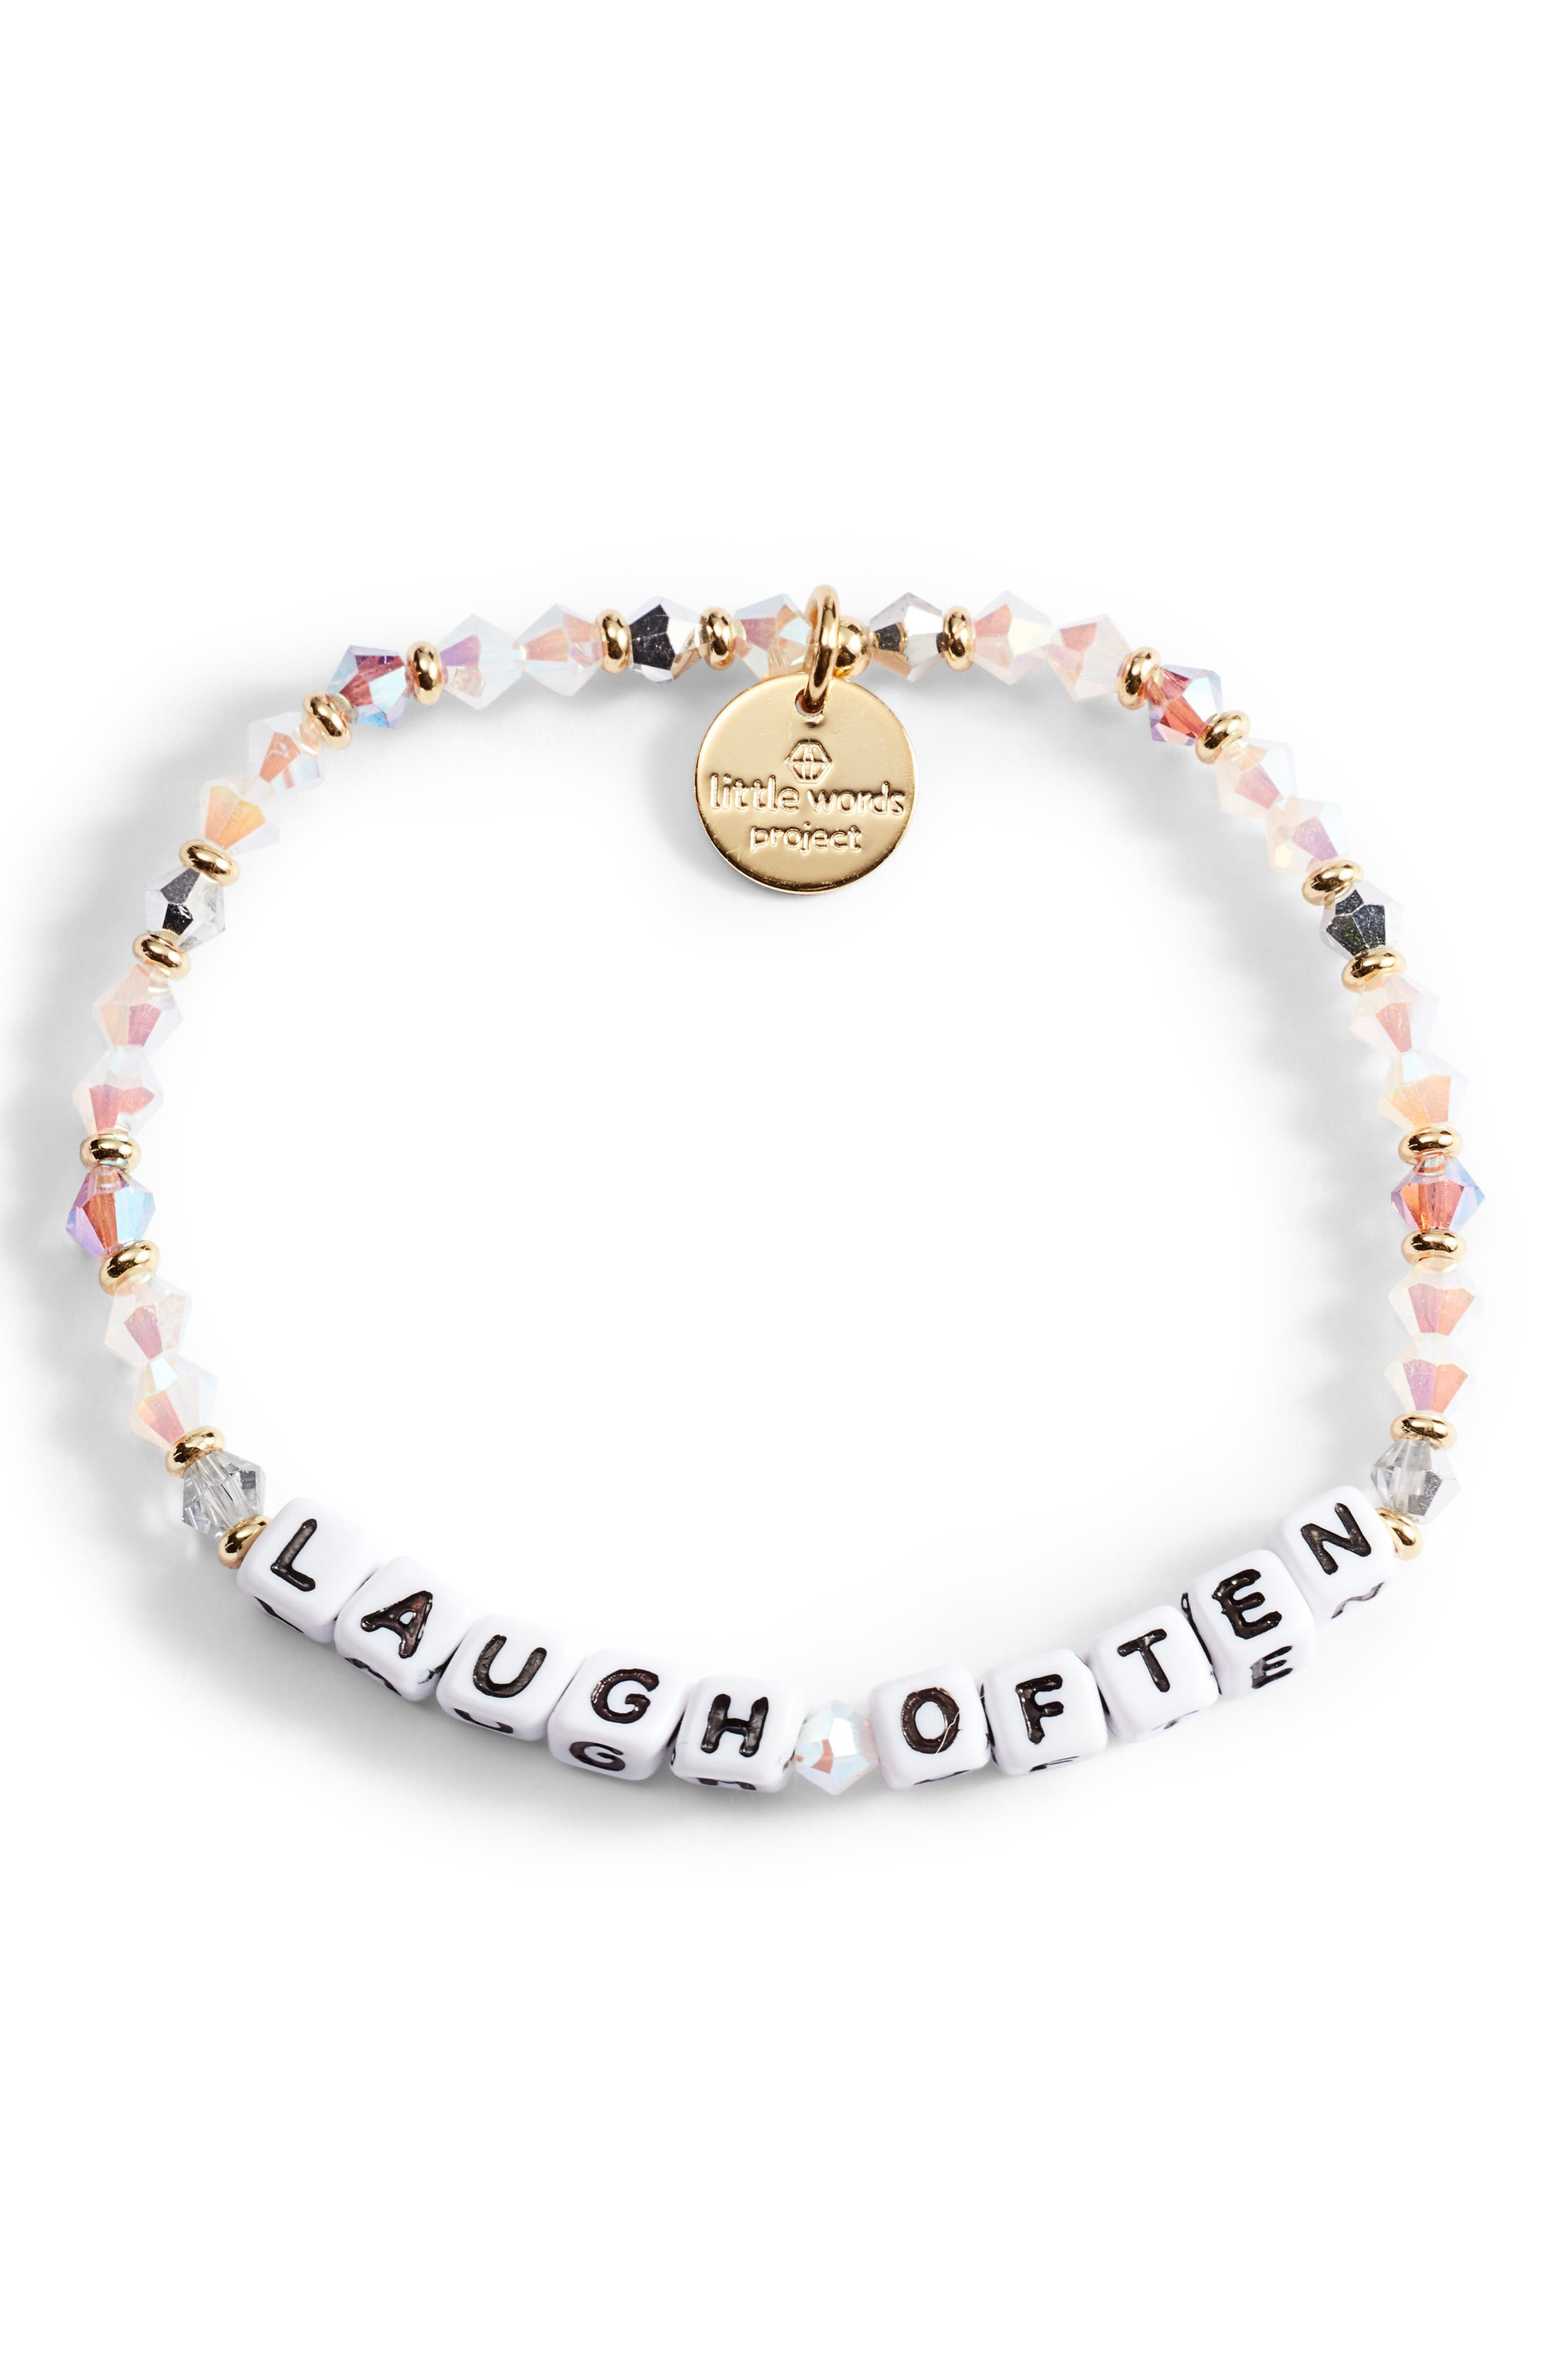 Laugh Often Beaded Stretch Bracelet